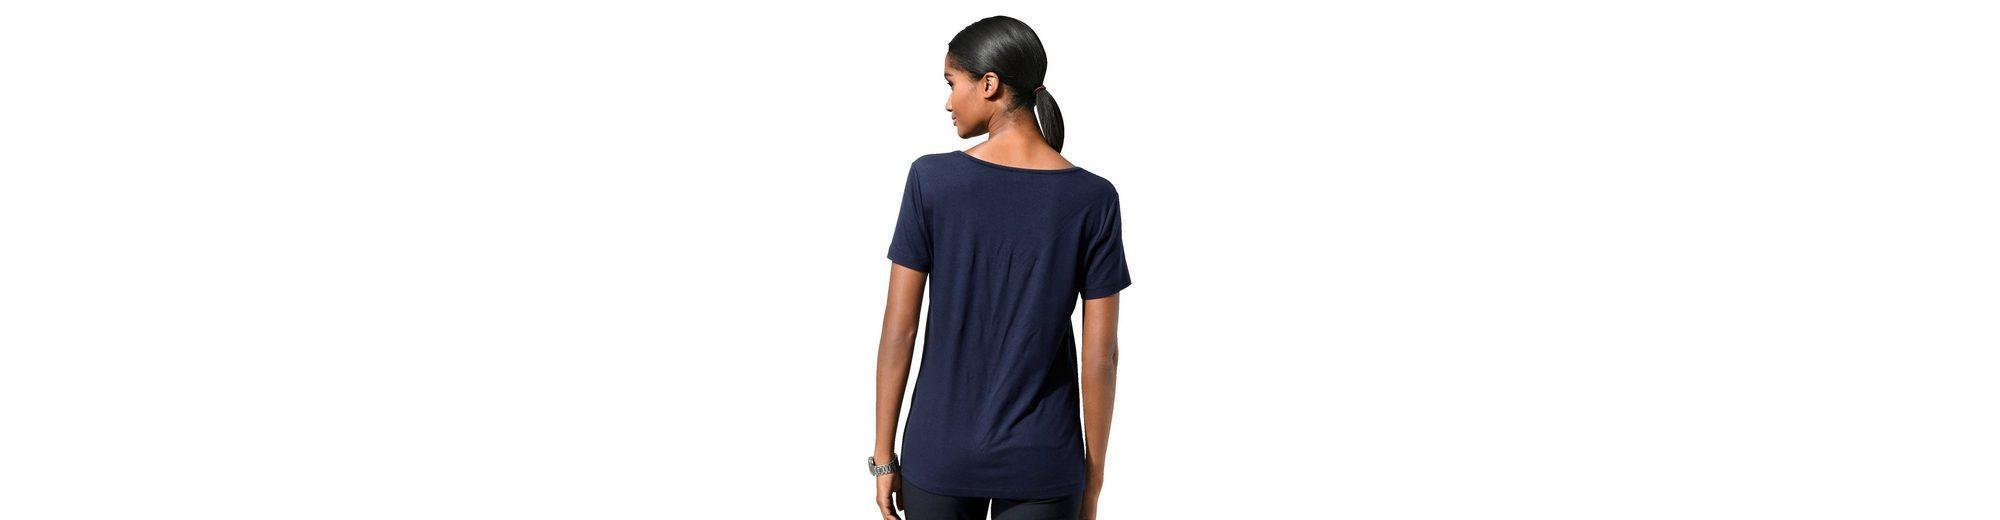 Wählen Sie Eine Beste Günstig Online Shop-Angebot Online Alba Moda Shirt mit floralen Cut-Outs am Ausschnitt Für Billig Zu Verkaufen Verkauf Offizielle xqv5mWgPz